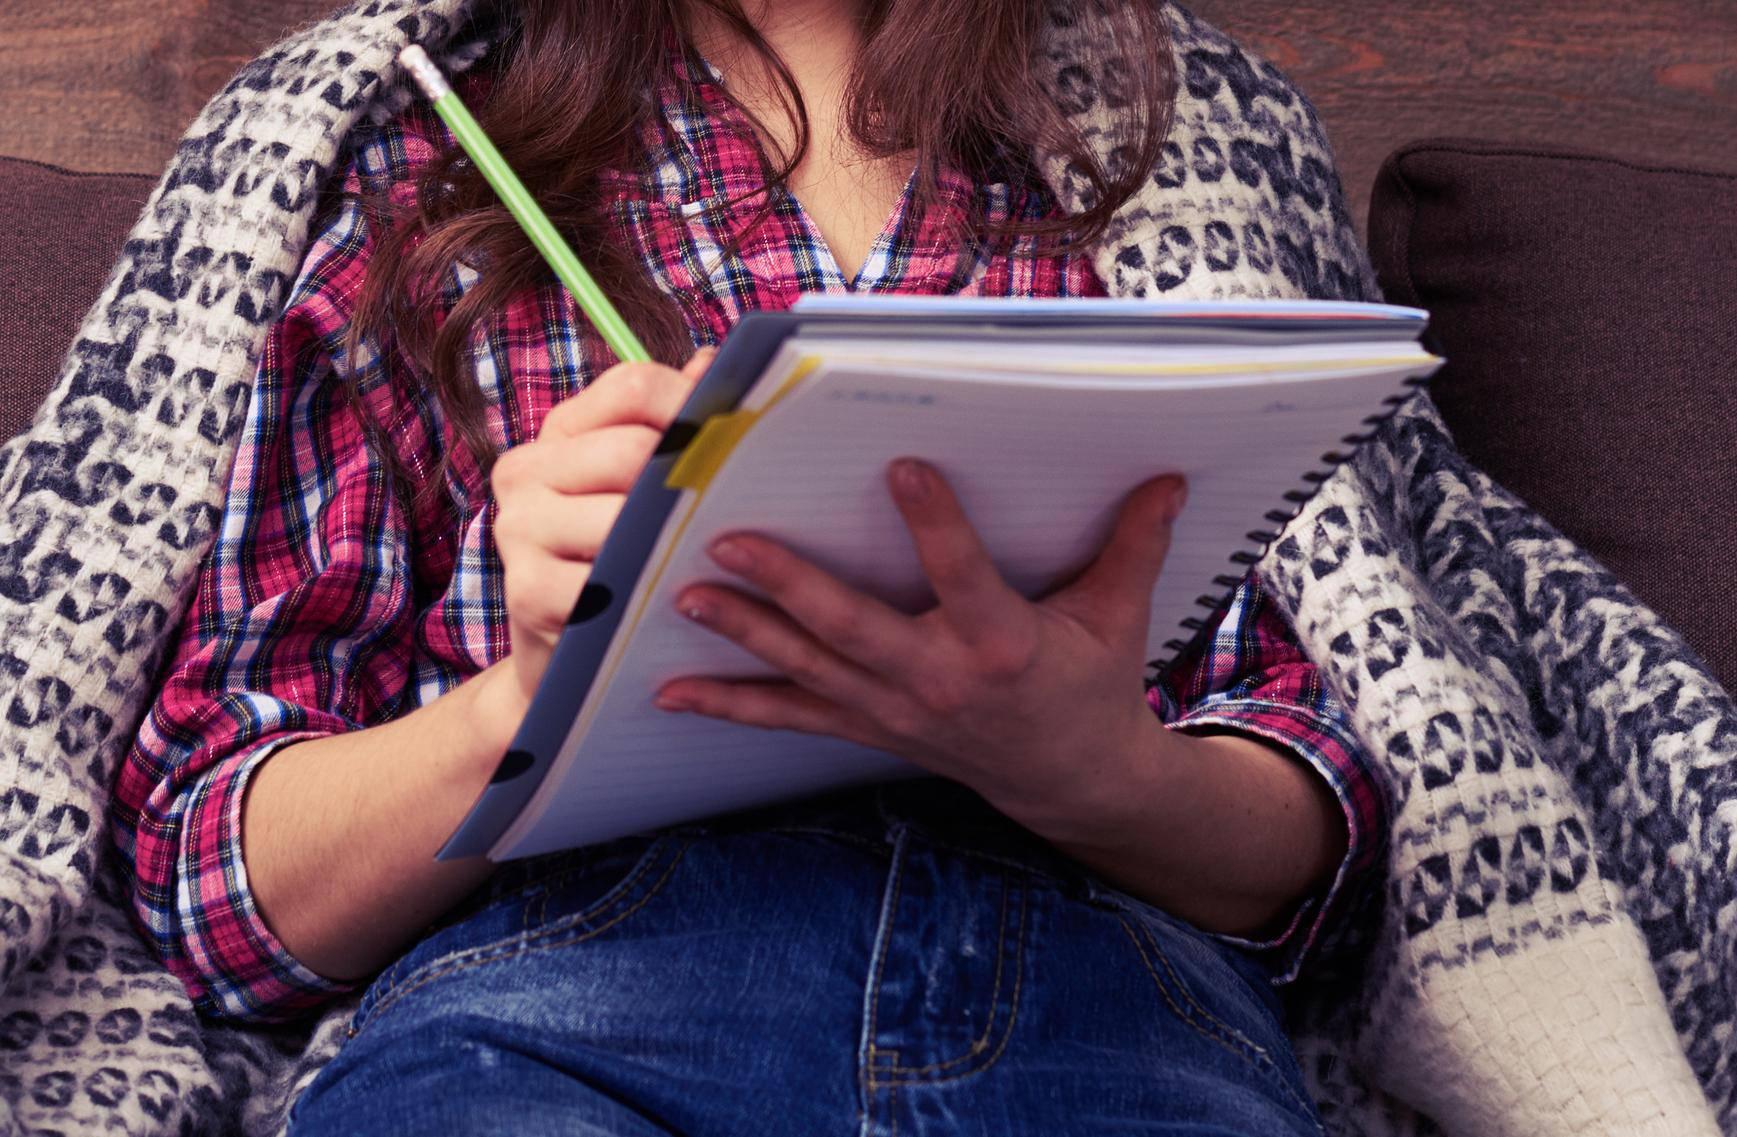 Vodite dnevnik - zapisivanjem osjećaja riješite se negativnosti